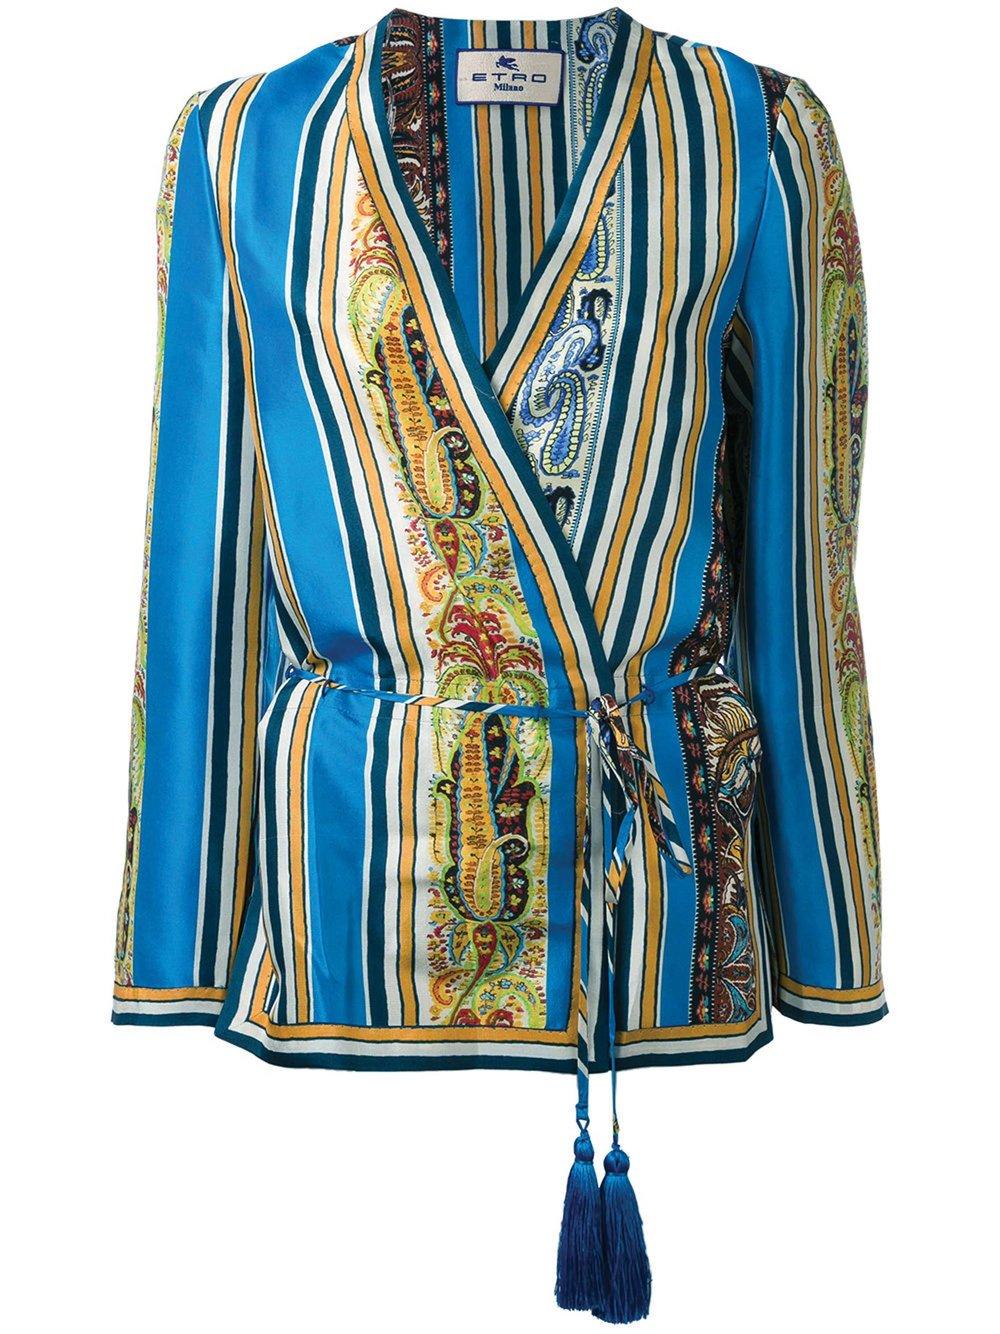 Kimono Blouse by Etro $2,327